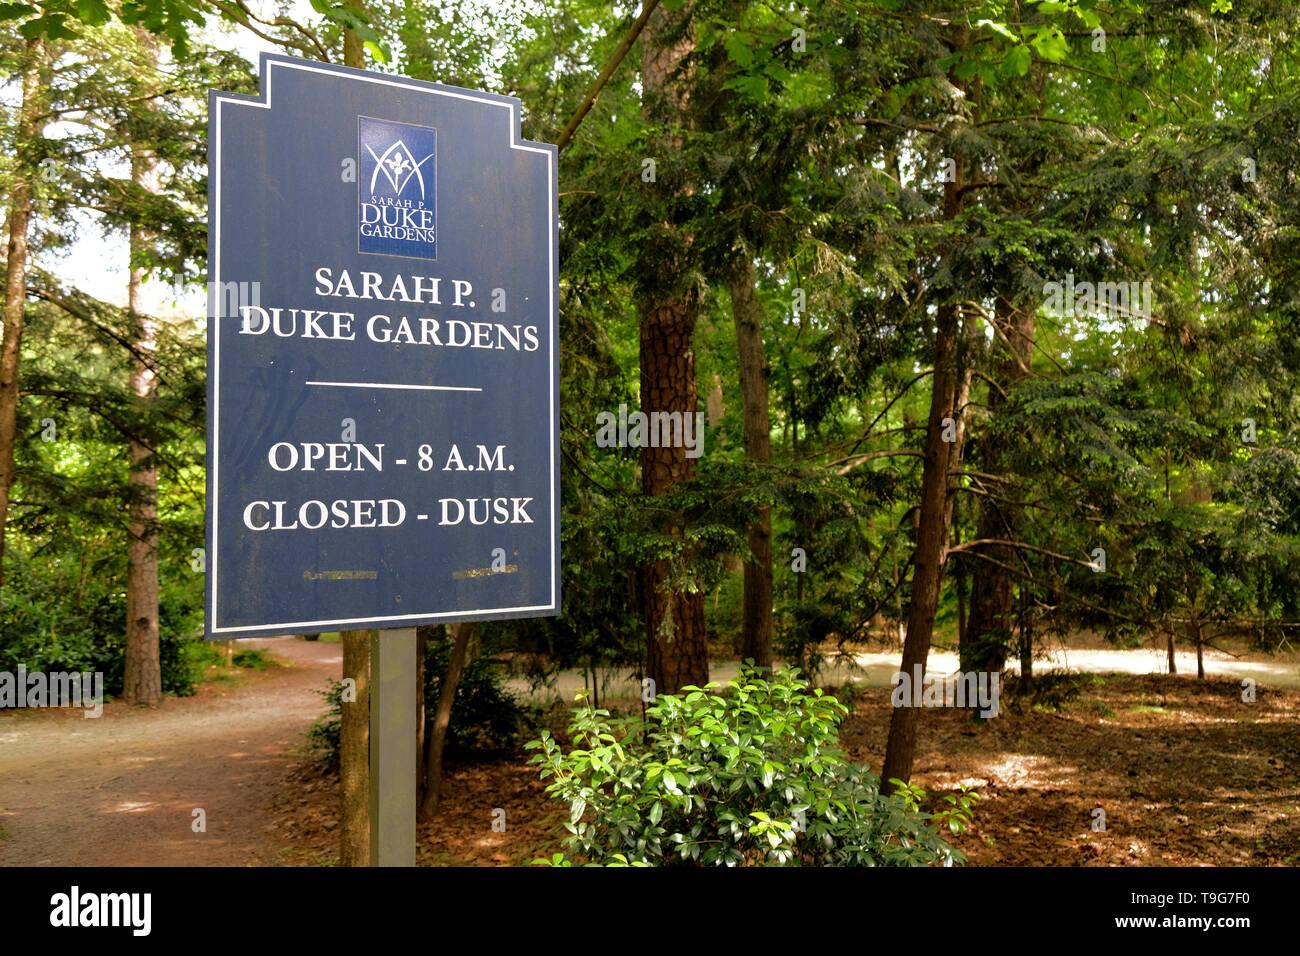 Inscrivez-vous à la Sarah P. Duke Gardens sur le campus de l'Université Duke de Durham, North Carolina, USA. Banque D'Images